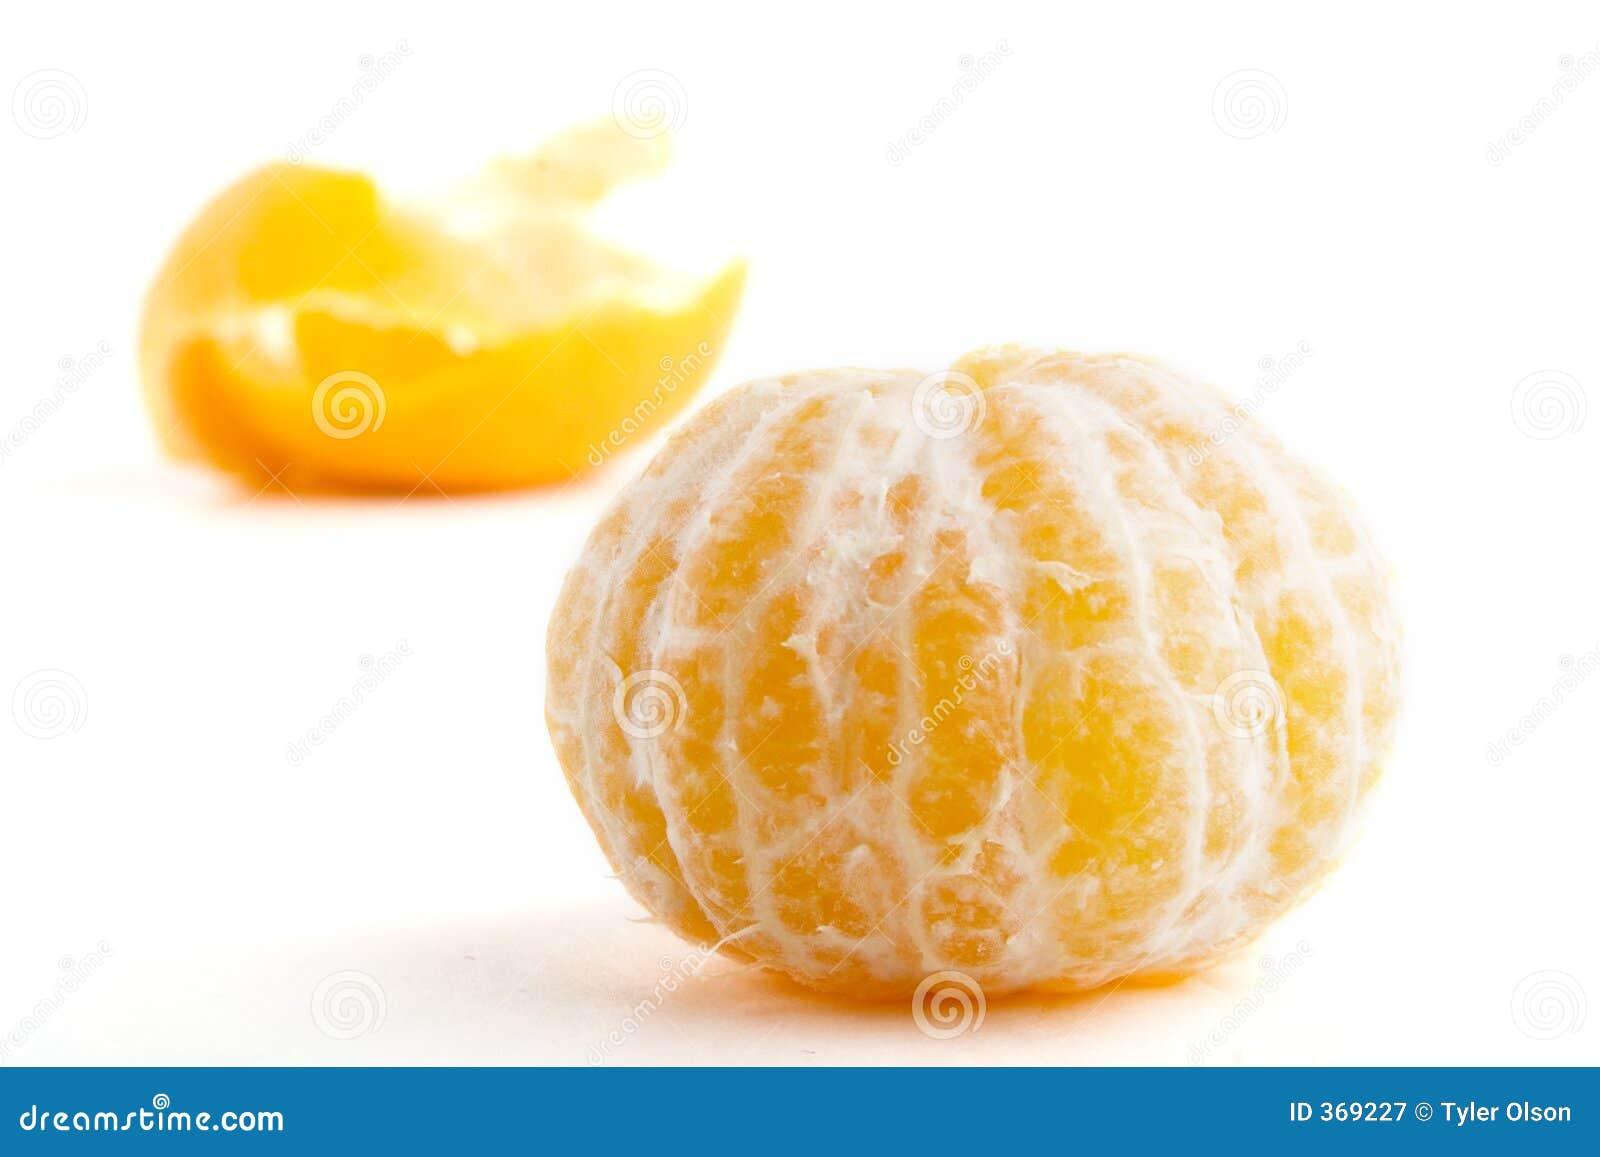 Sinaasappel zonder schil